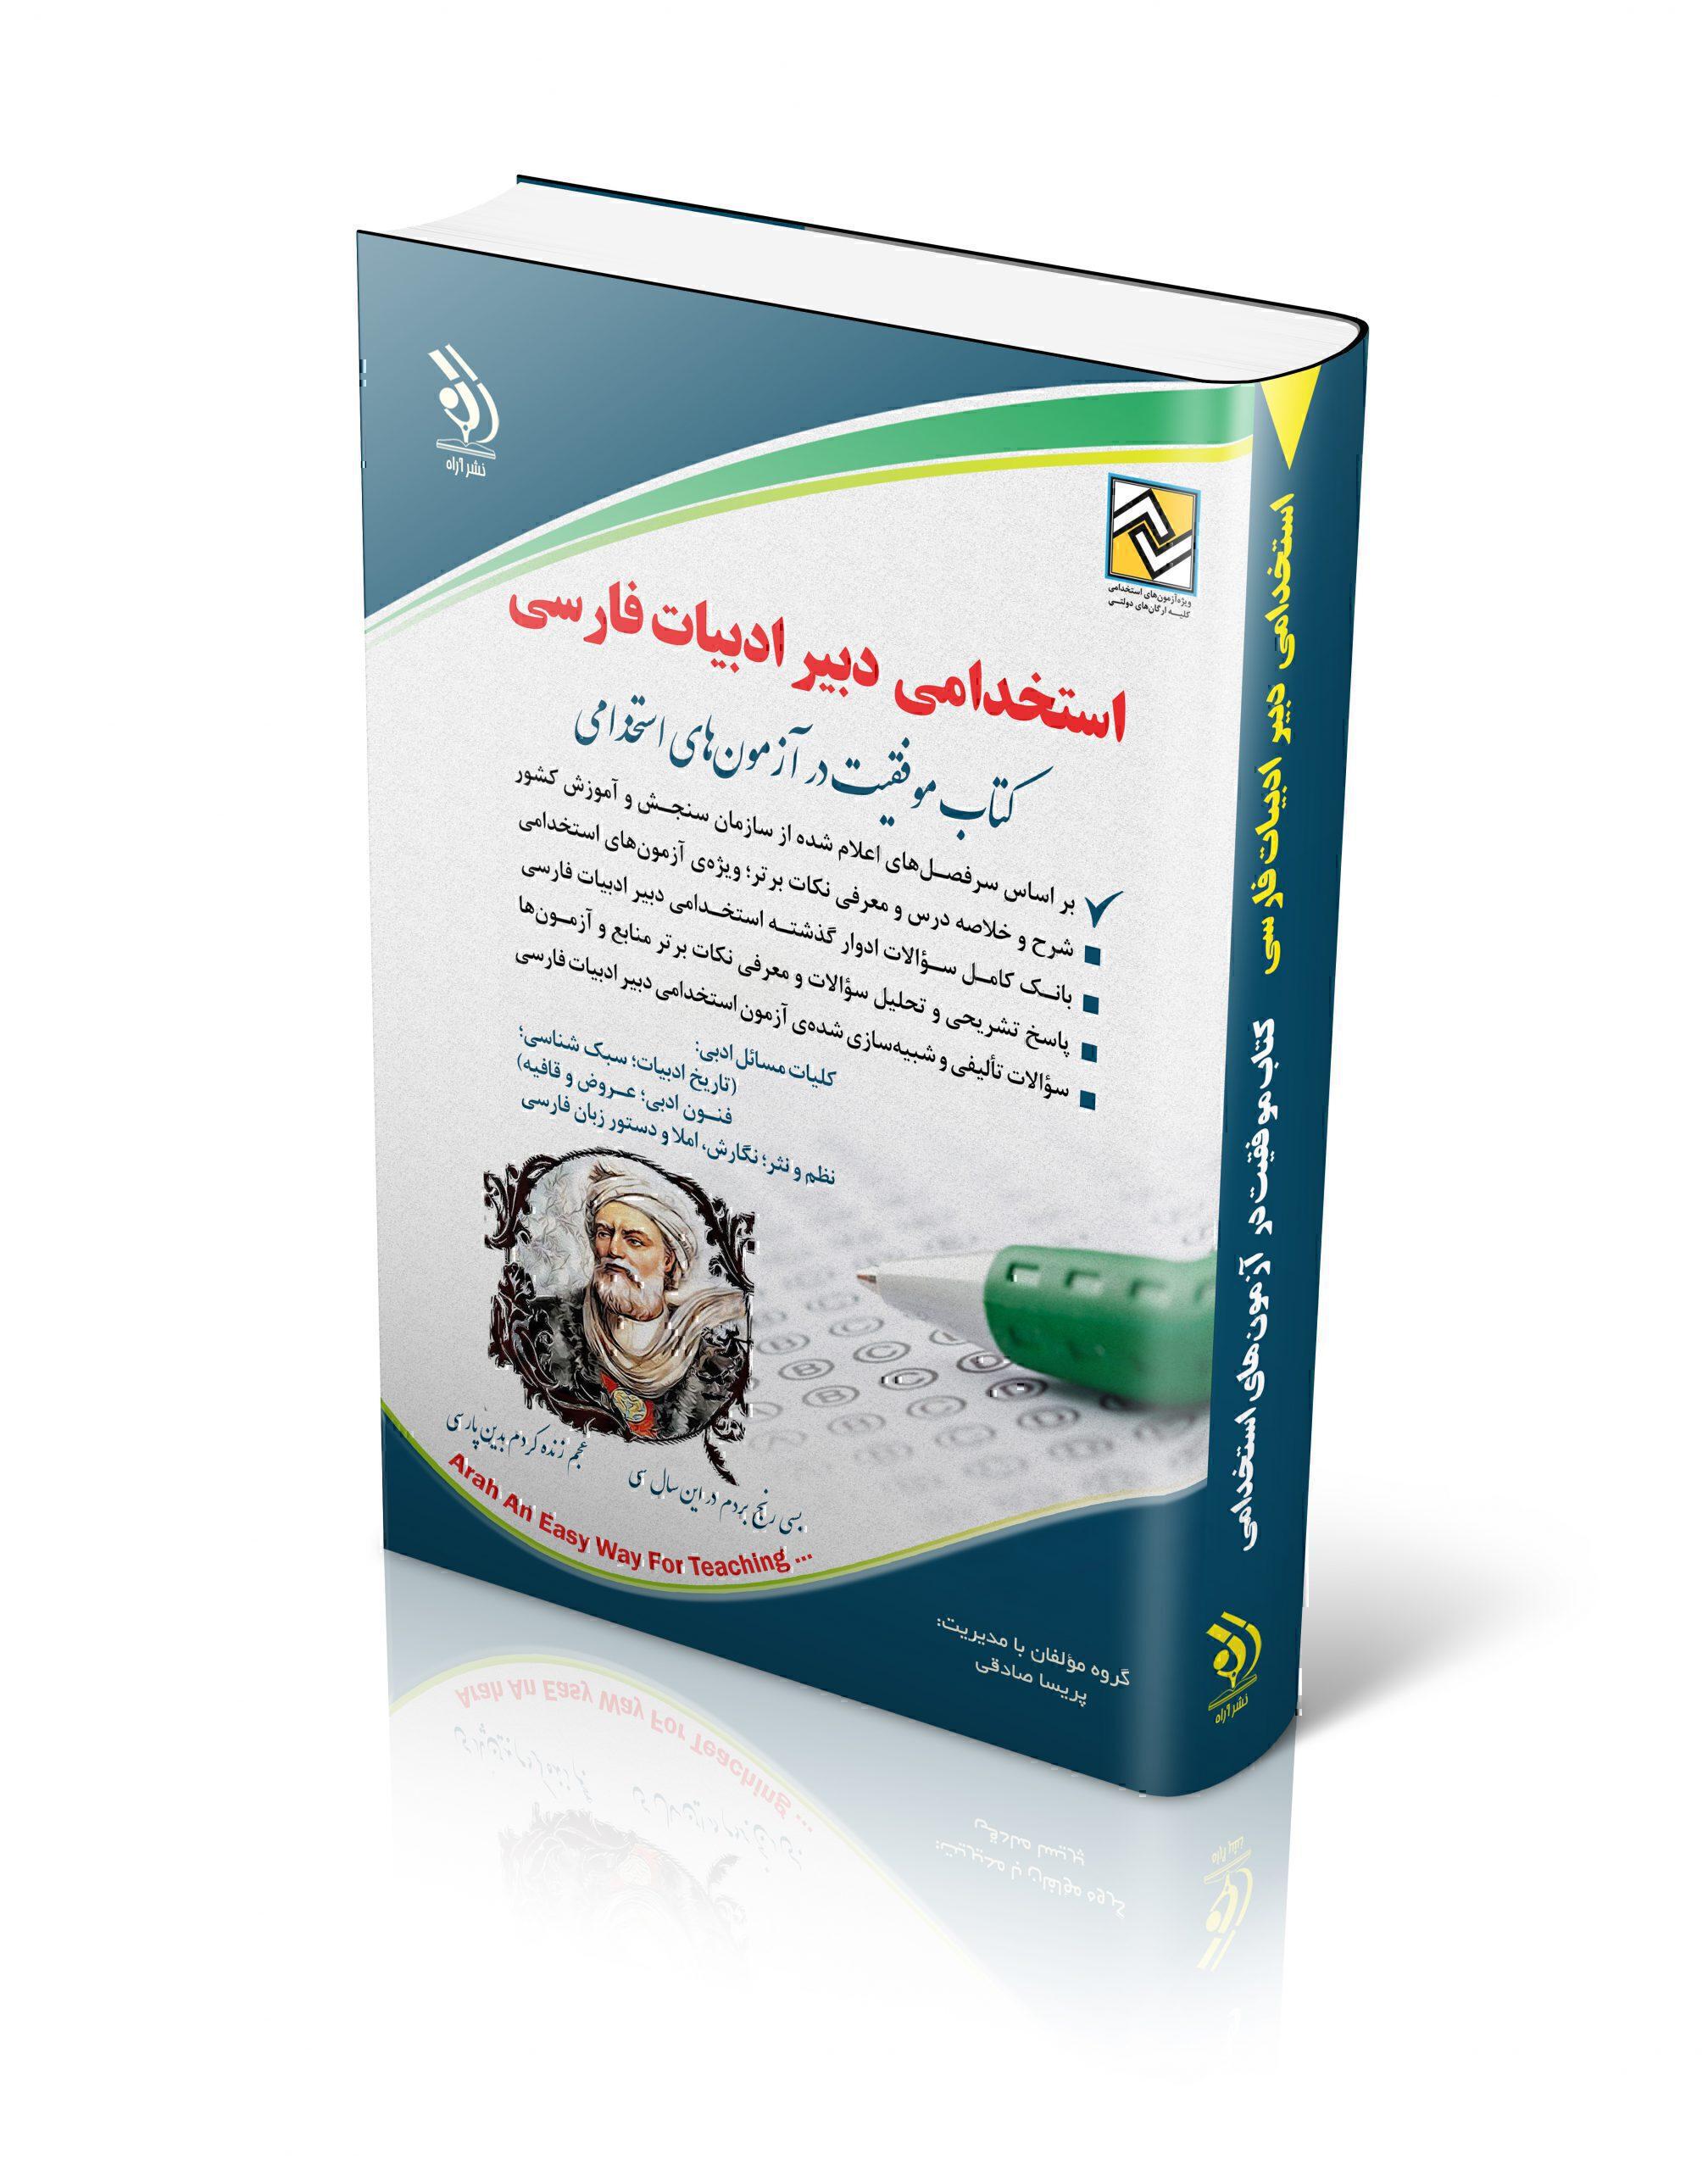 کتاب استخدامی دبیر ادبیات فارسی